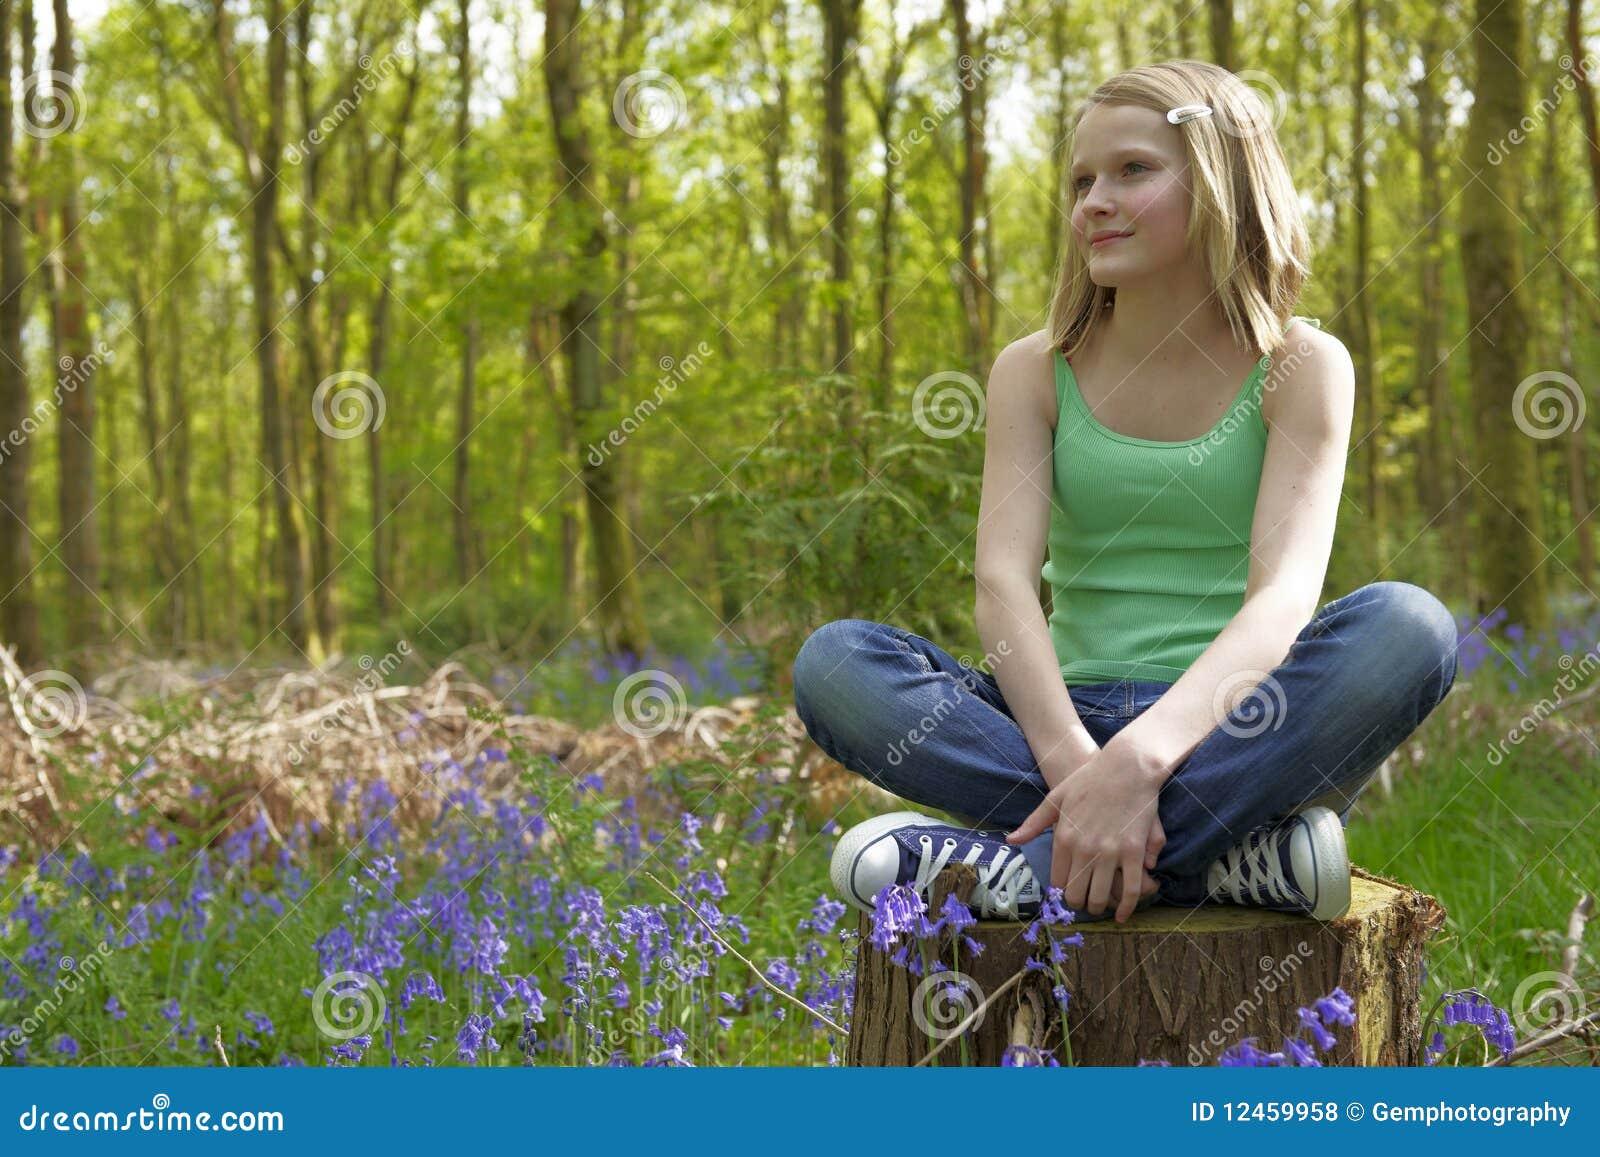 Teenager enjoying life with your friends novinha de cu rosa - 3 6